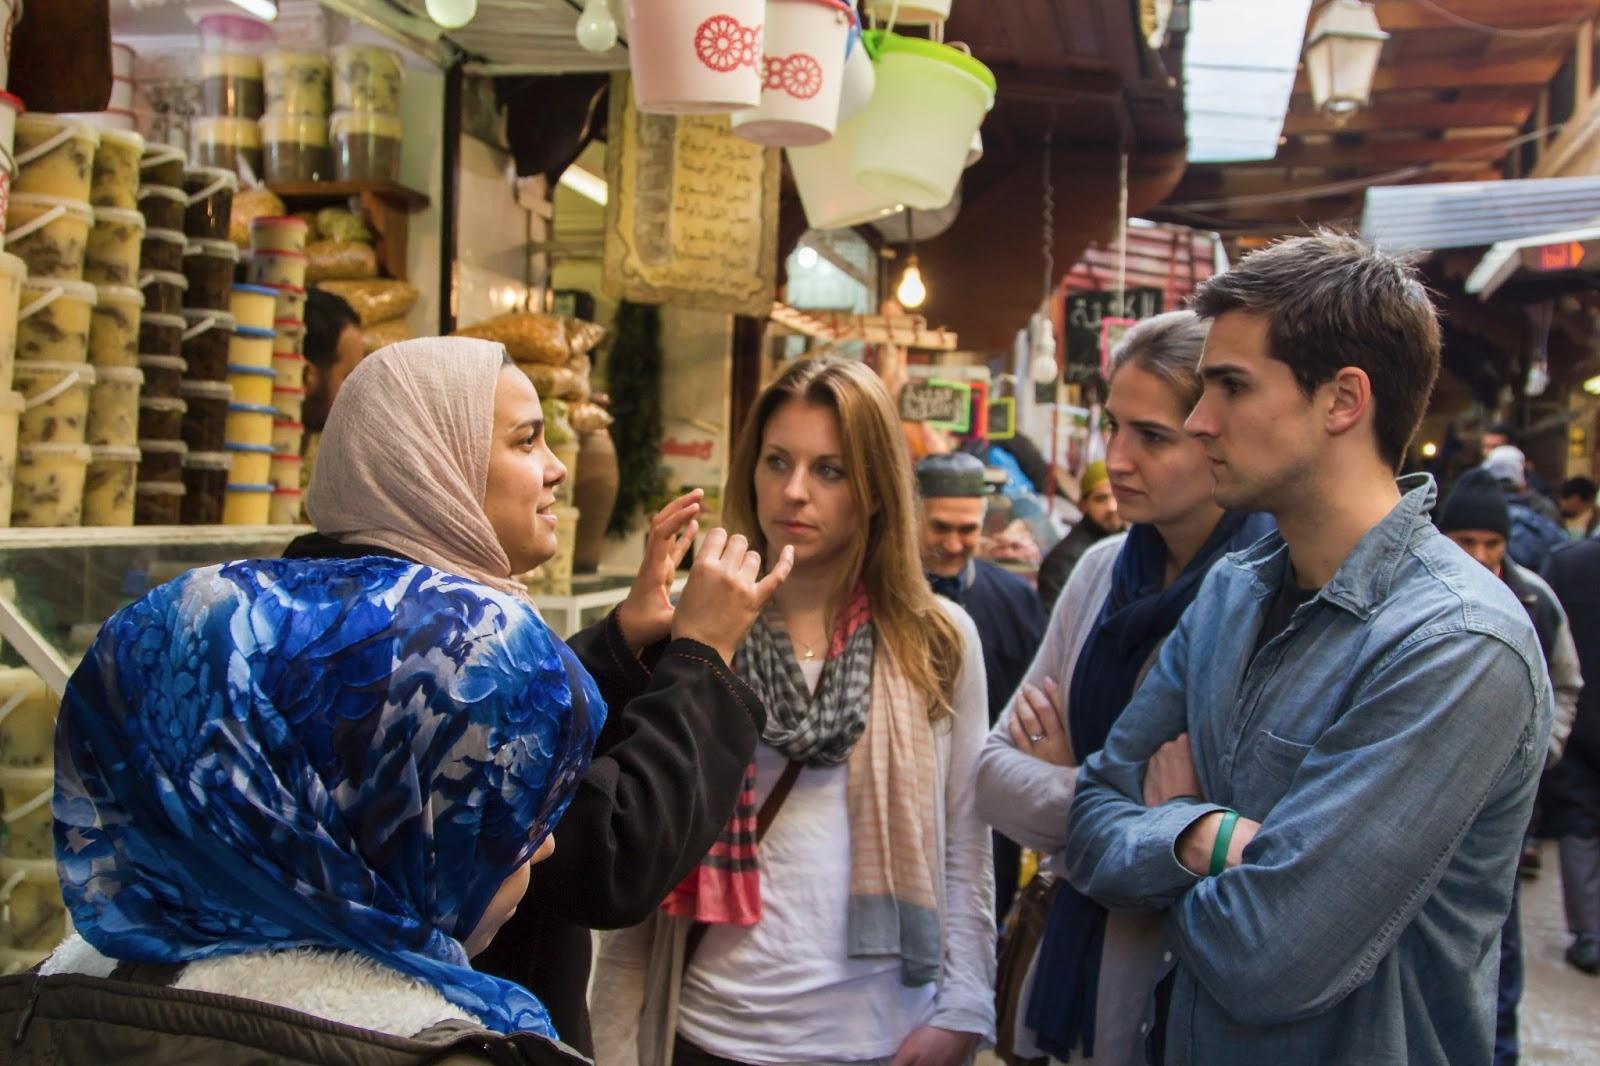 هافنغتون بوست : المغرب وجهة غير اعتيادية توفر كل ما قد يرغب فيه المسافر